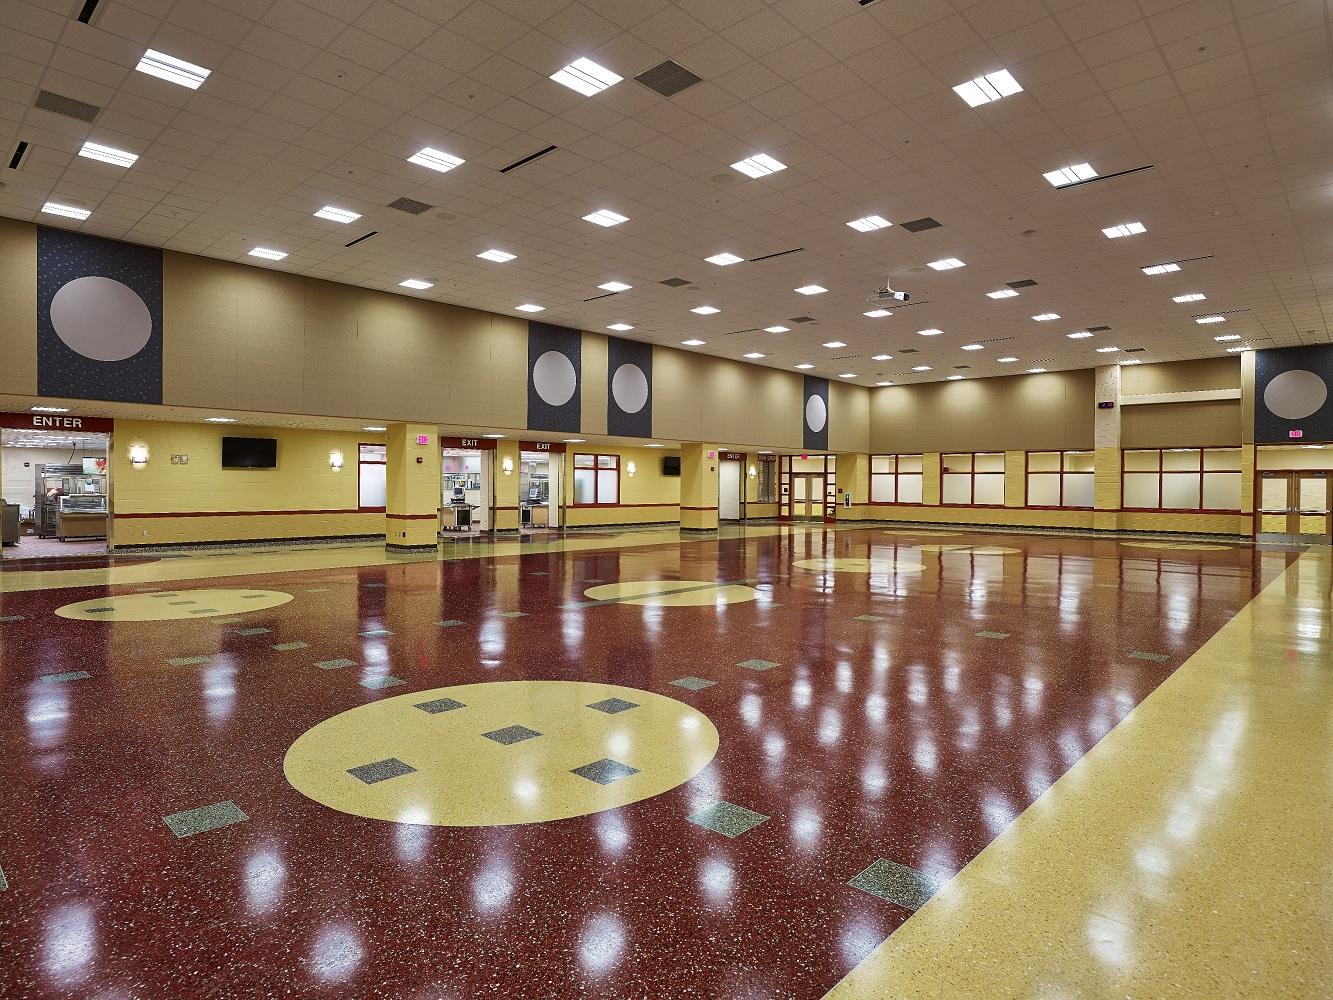 Interior - Cafeteria.jpg